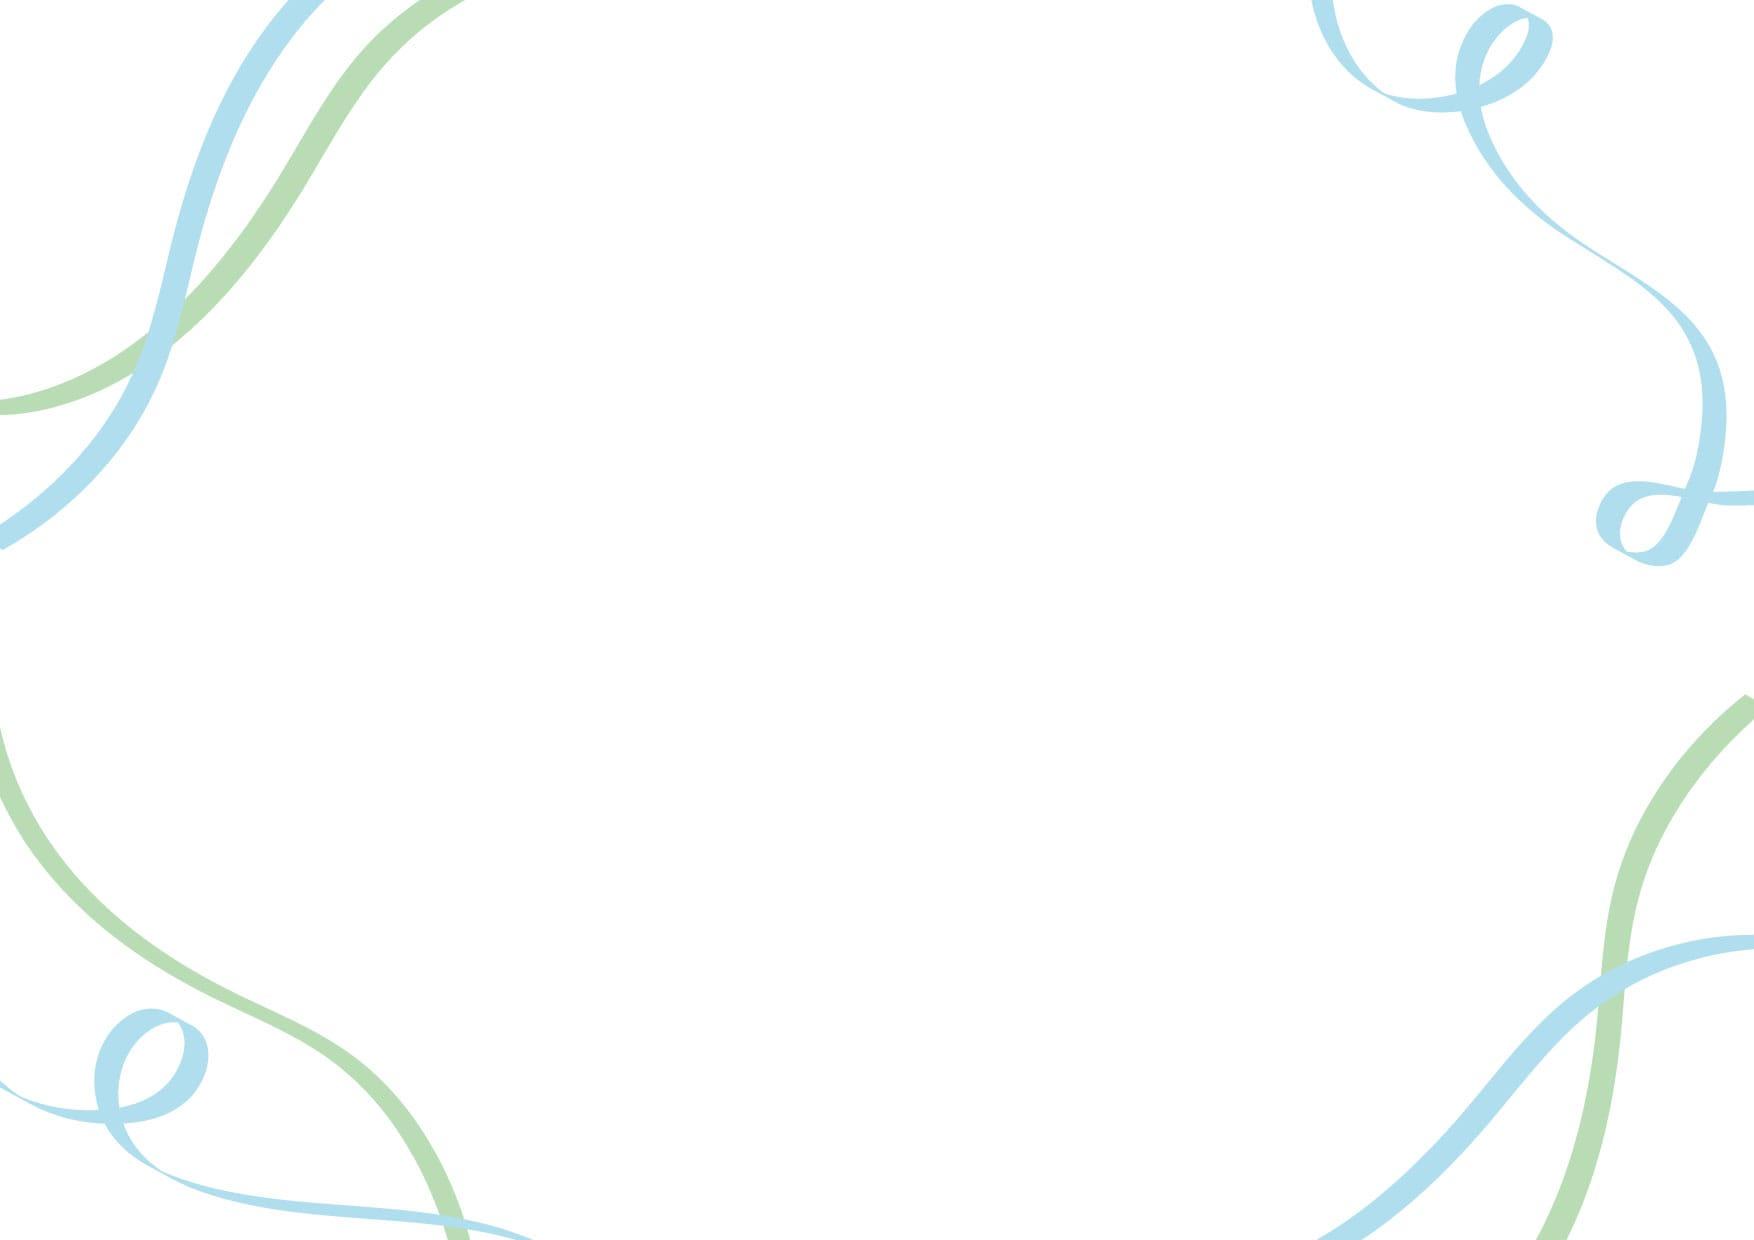 可愛いイラスト無料|リボン 背景 青色 緑色 − free illustration  Ribbon background blue green